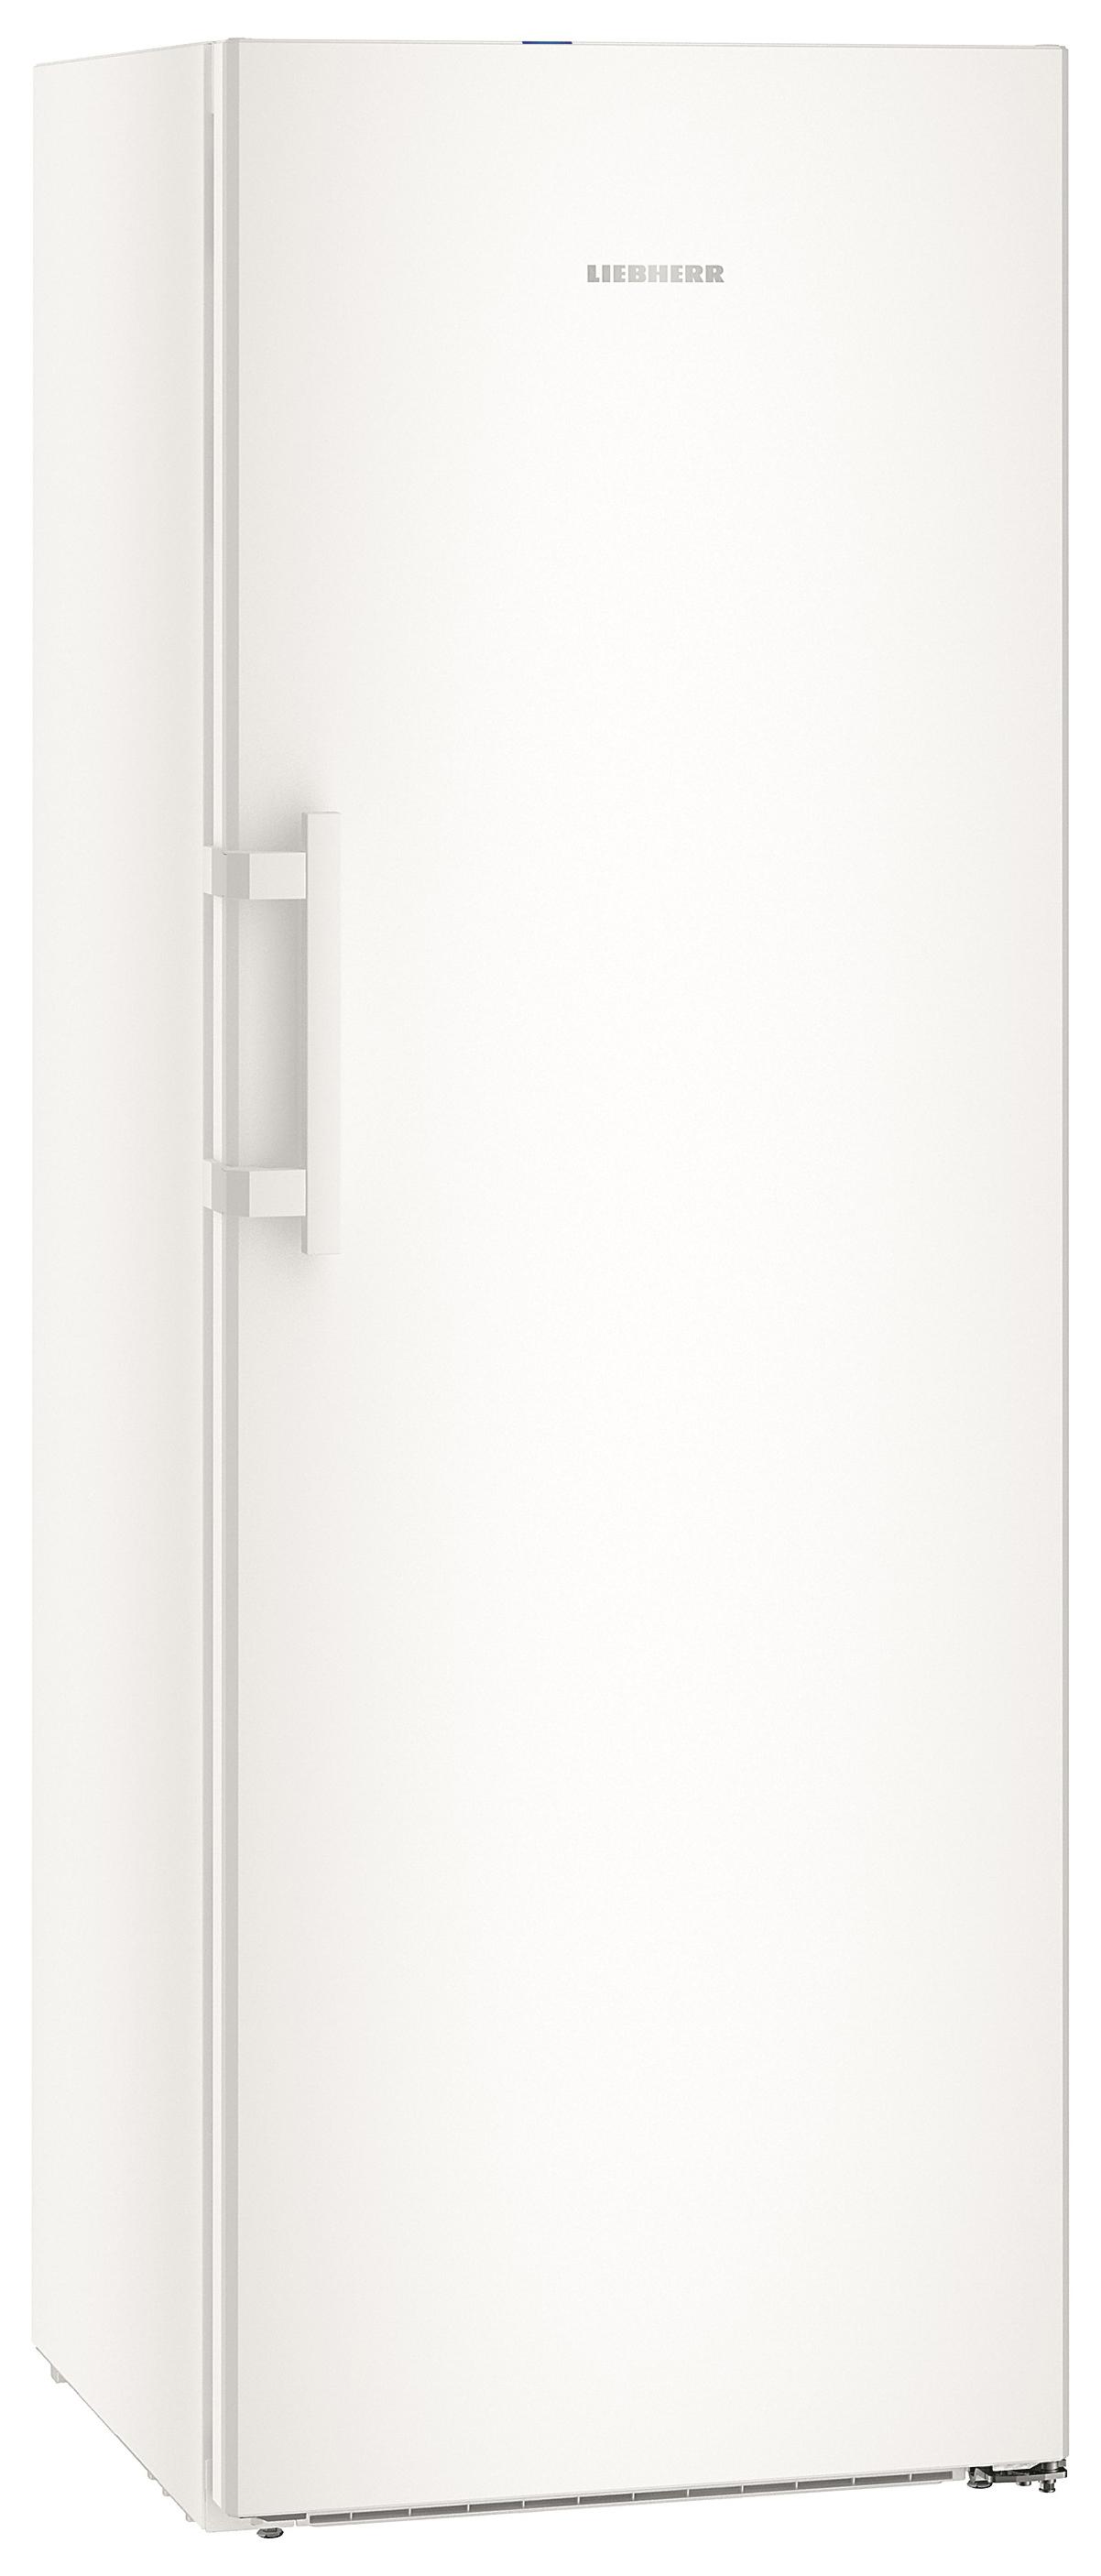 Морозильная камера LIEBHERR GN 5215 20 White